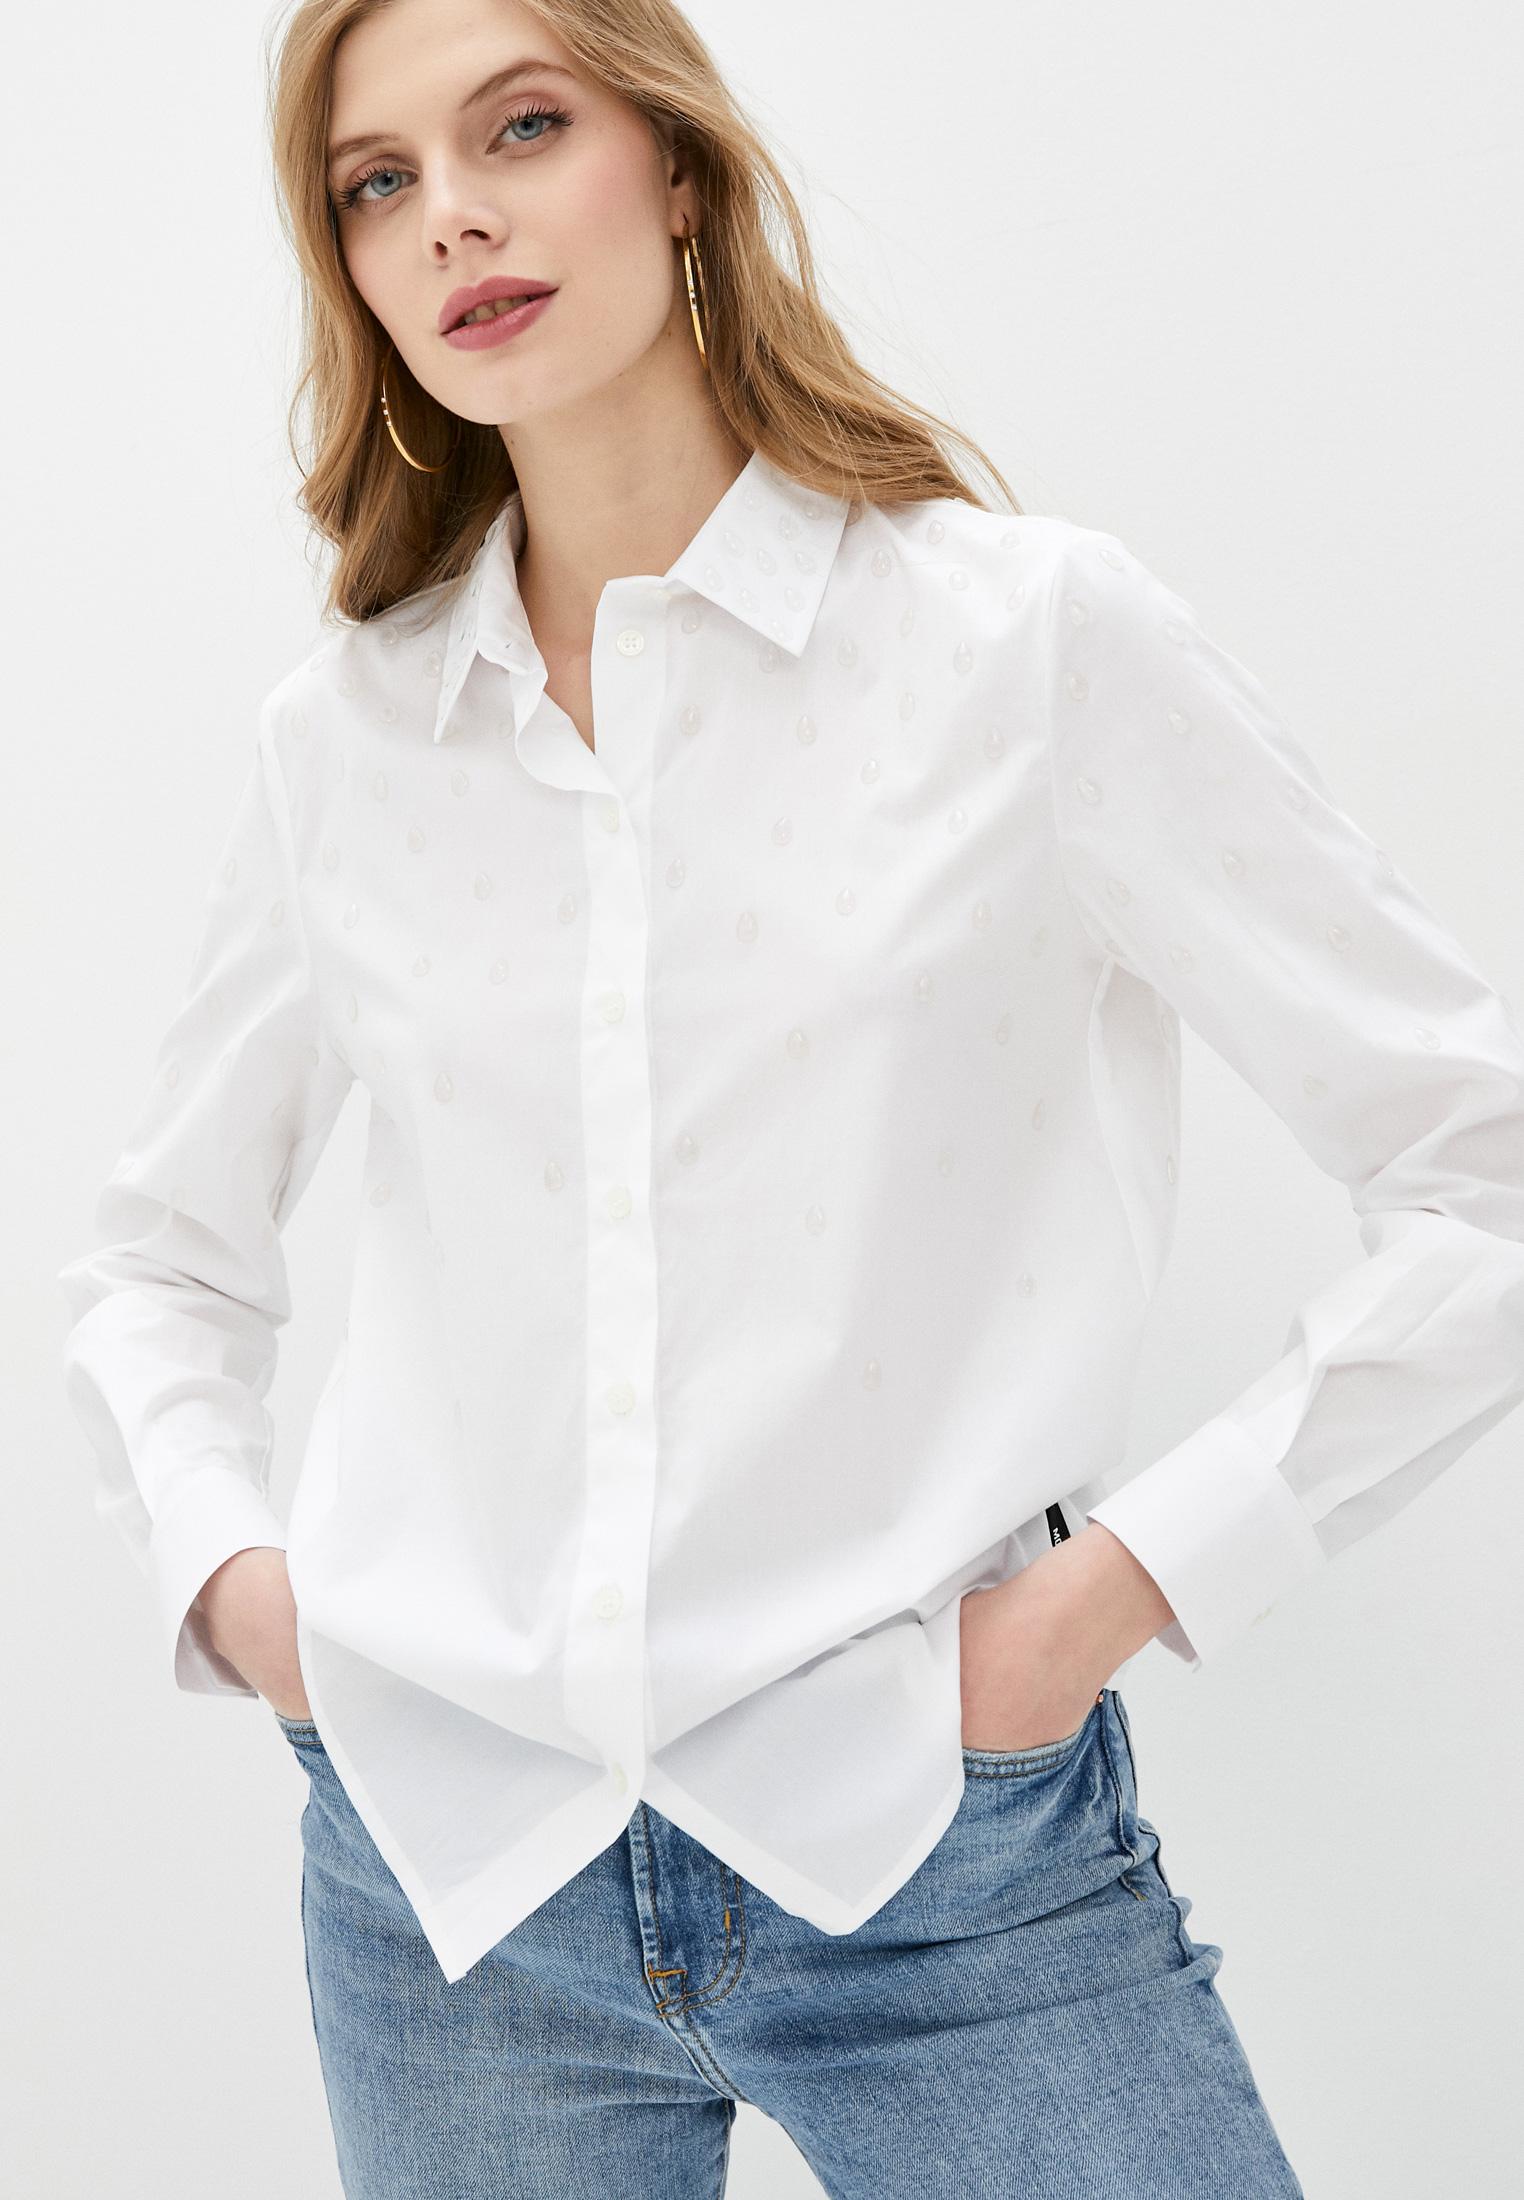 Рубашка Love Moschino W C C81 04 S 3296